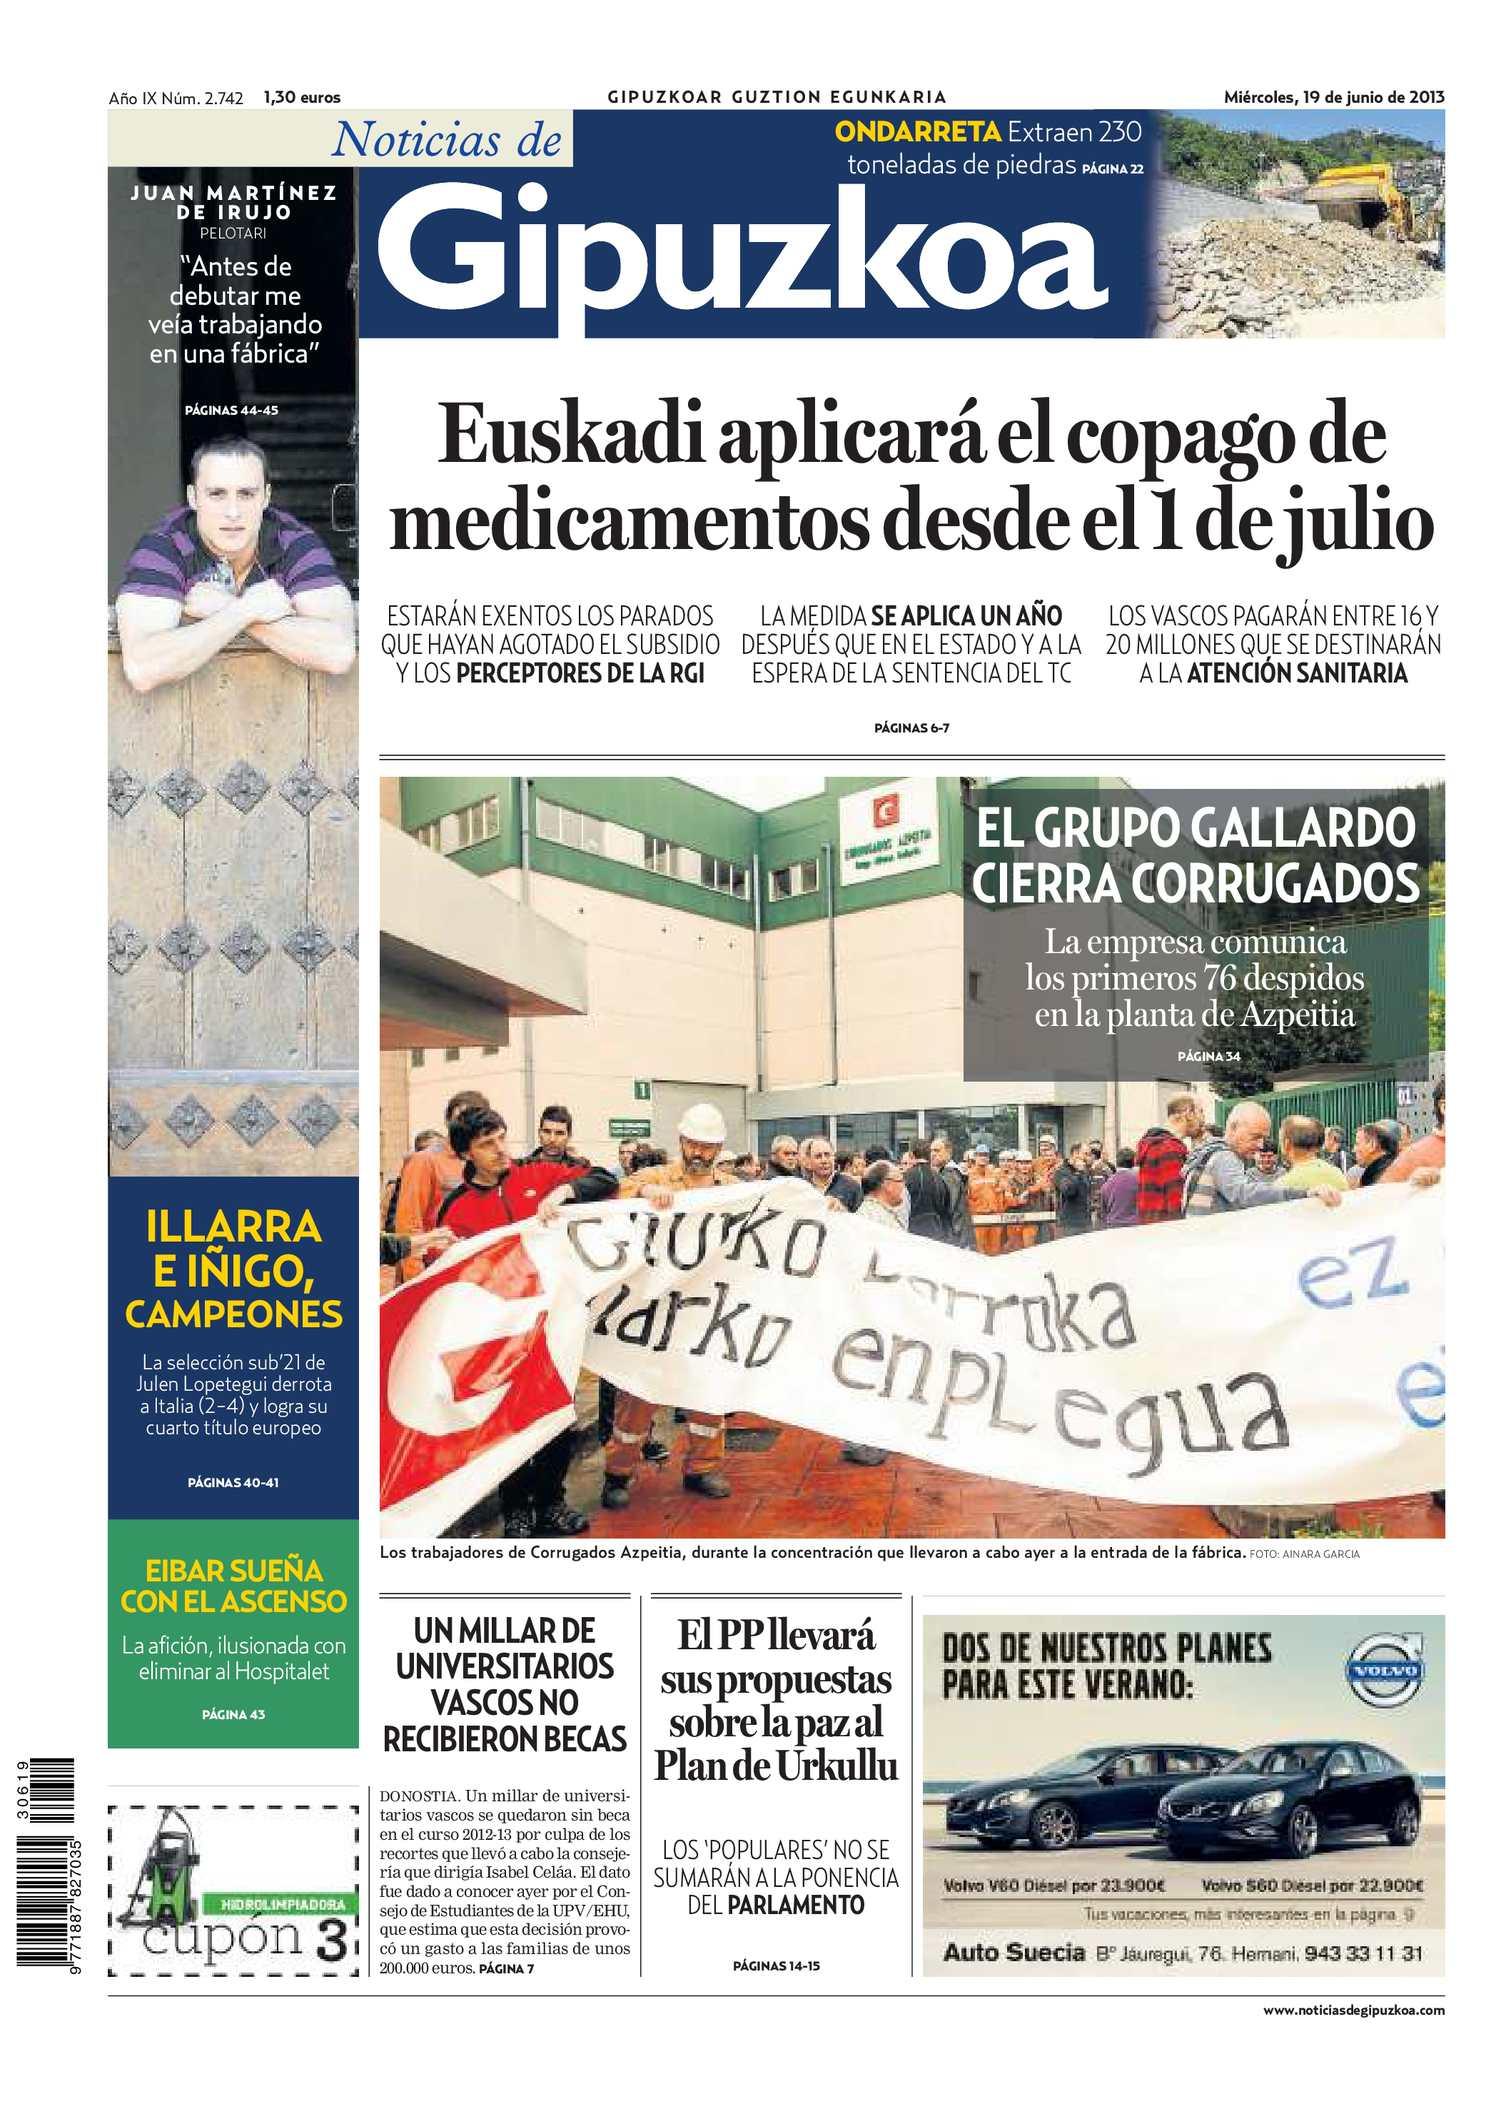 Gipuzkoa Calaméo Noticias De Gipuzkoa 20130619 Calaméo Noticias Gipuzkoa 20130619 Calaméo Noticias De De jALR354q